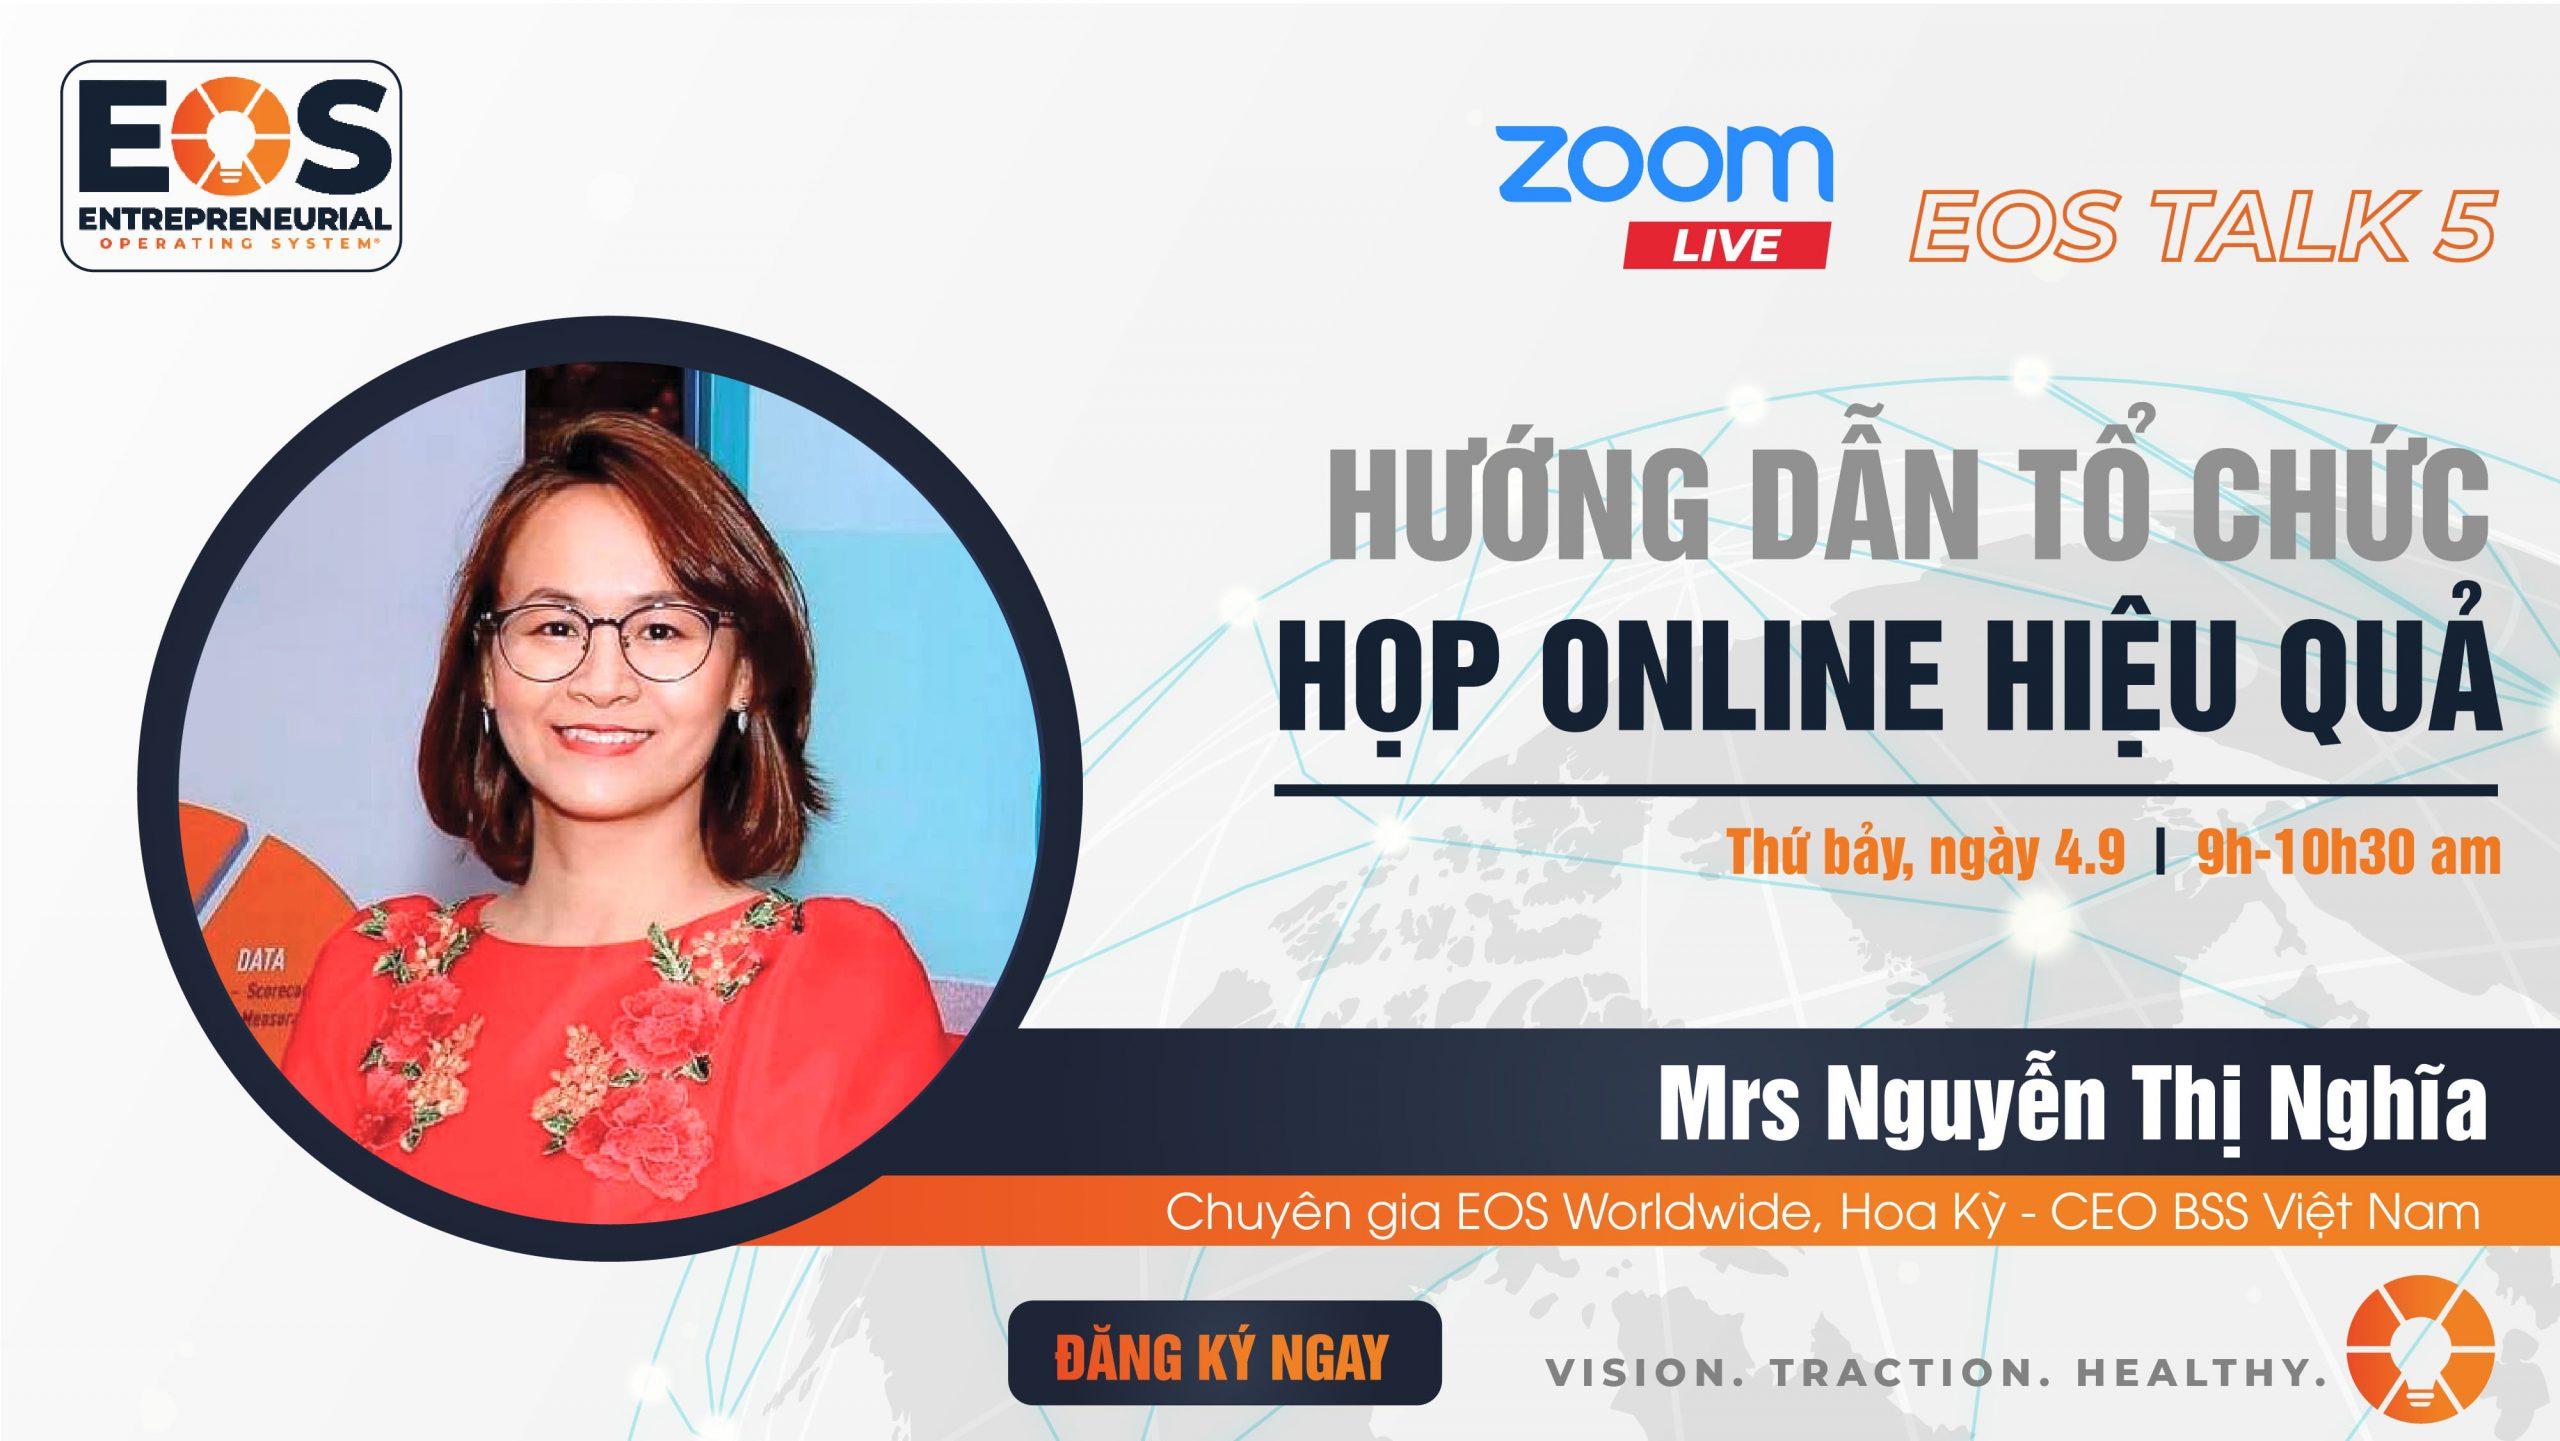 huong-dan-to-chuc-hop-online-hieu-qua